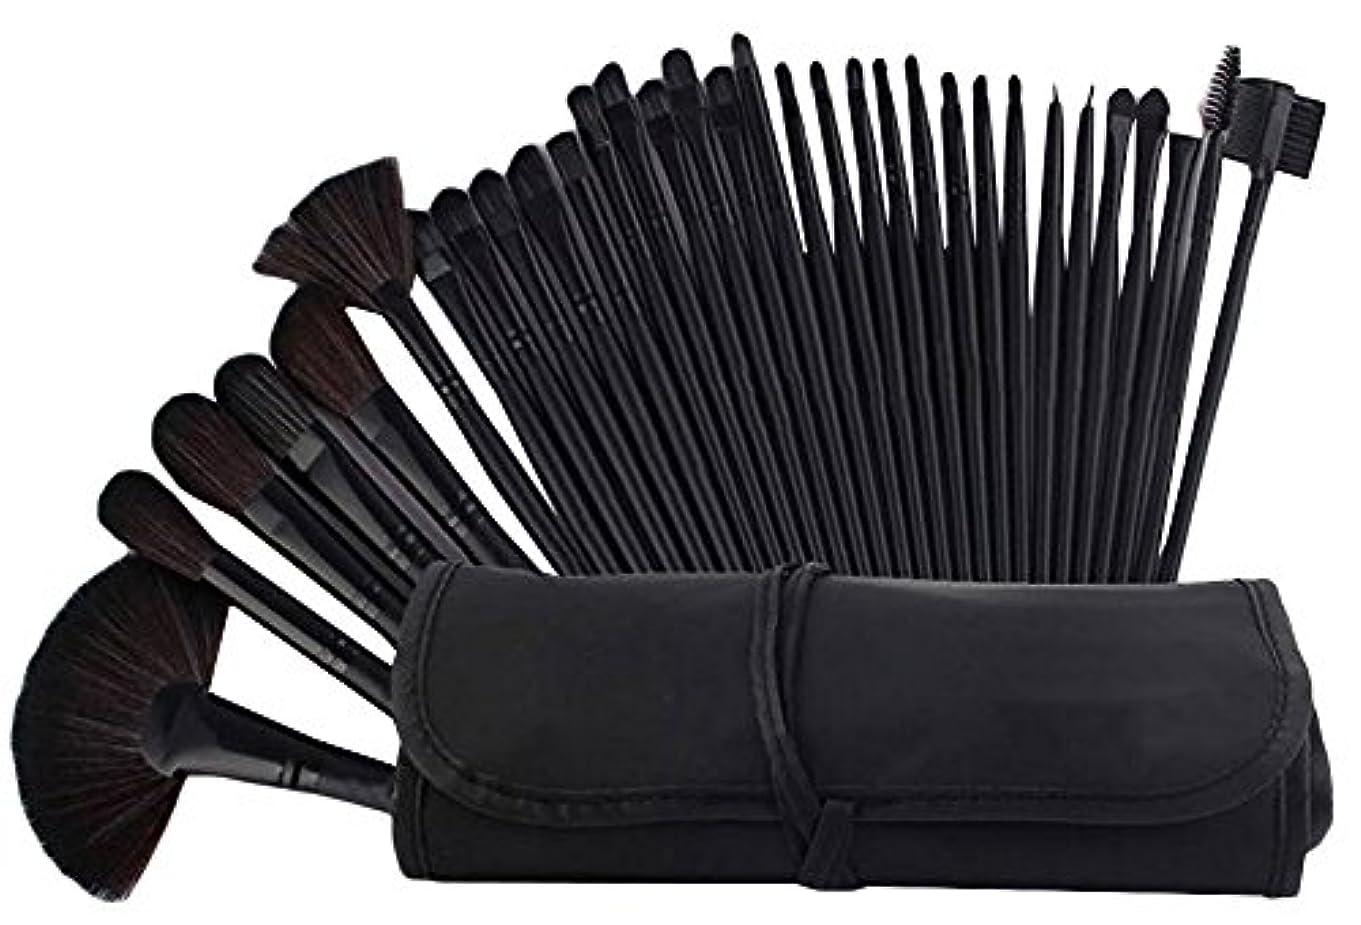 相続人コストエクスタシーIvyOnly メイクブラシセット 32本セット 化粧筆 化粧ブラシ 極細 収納ケース付き 木製ハンドル 布袋 (ブラック)